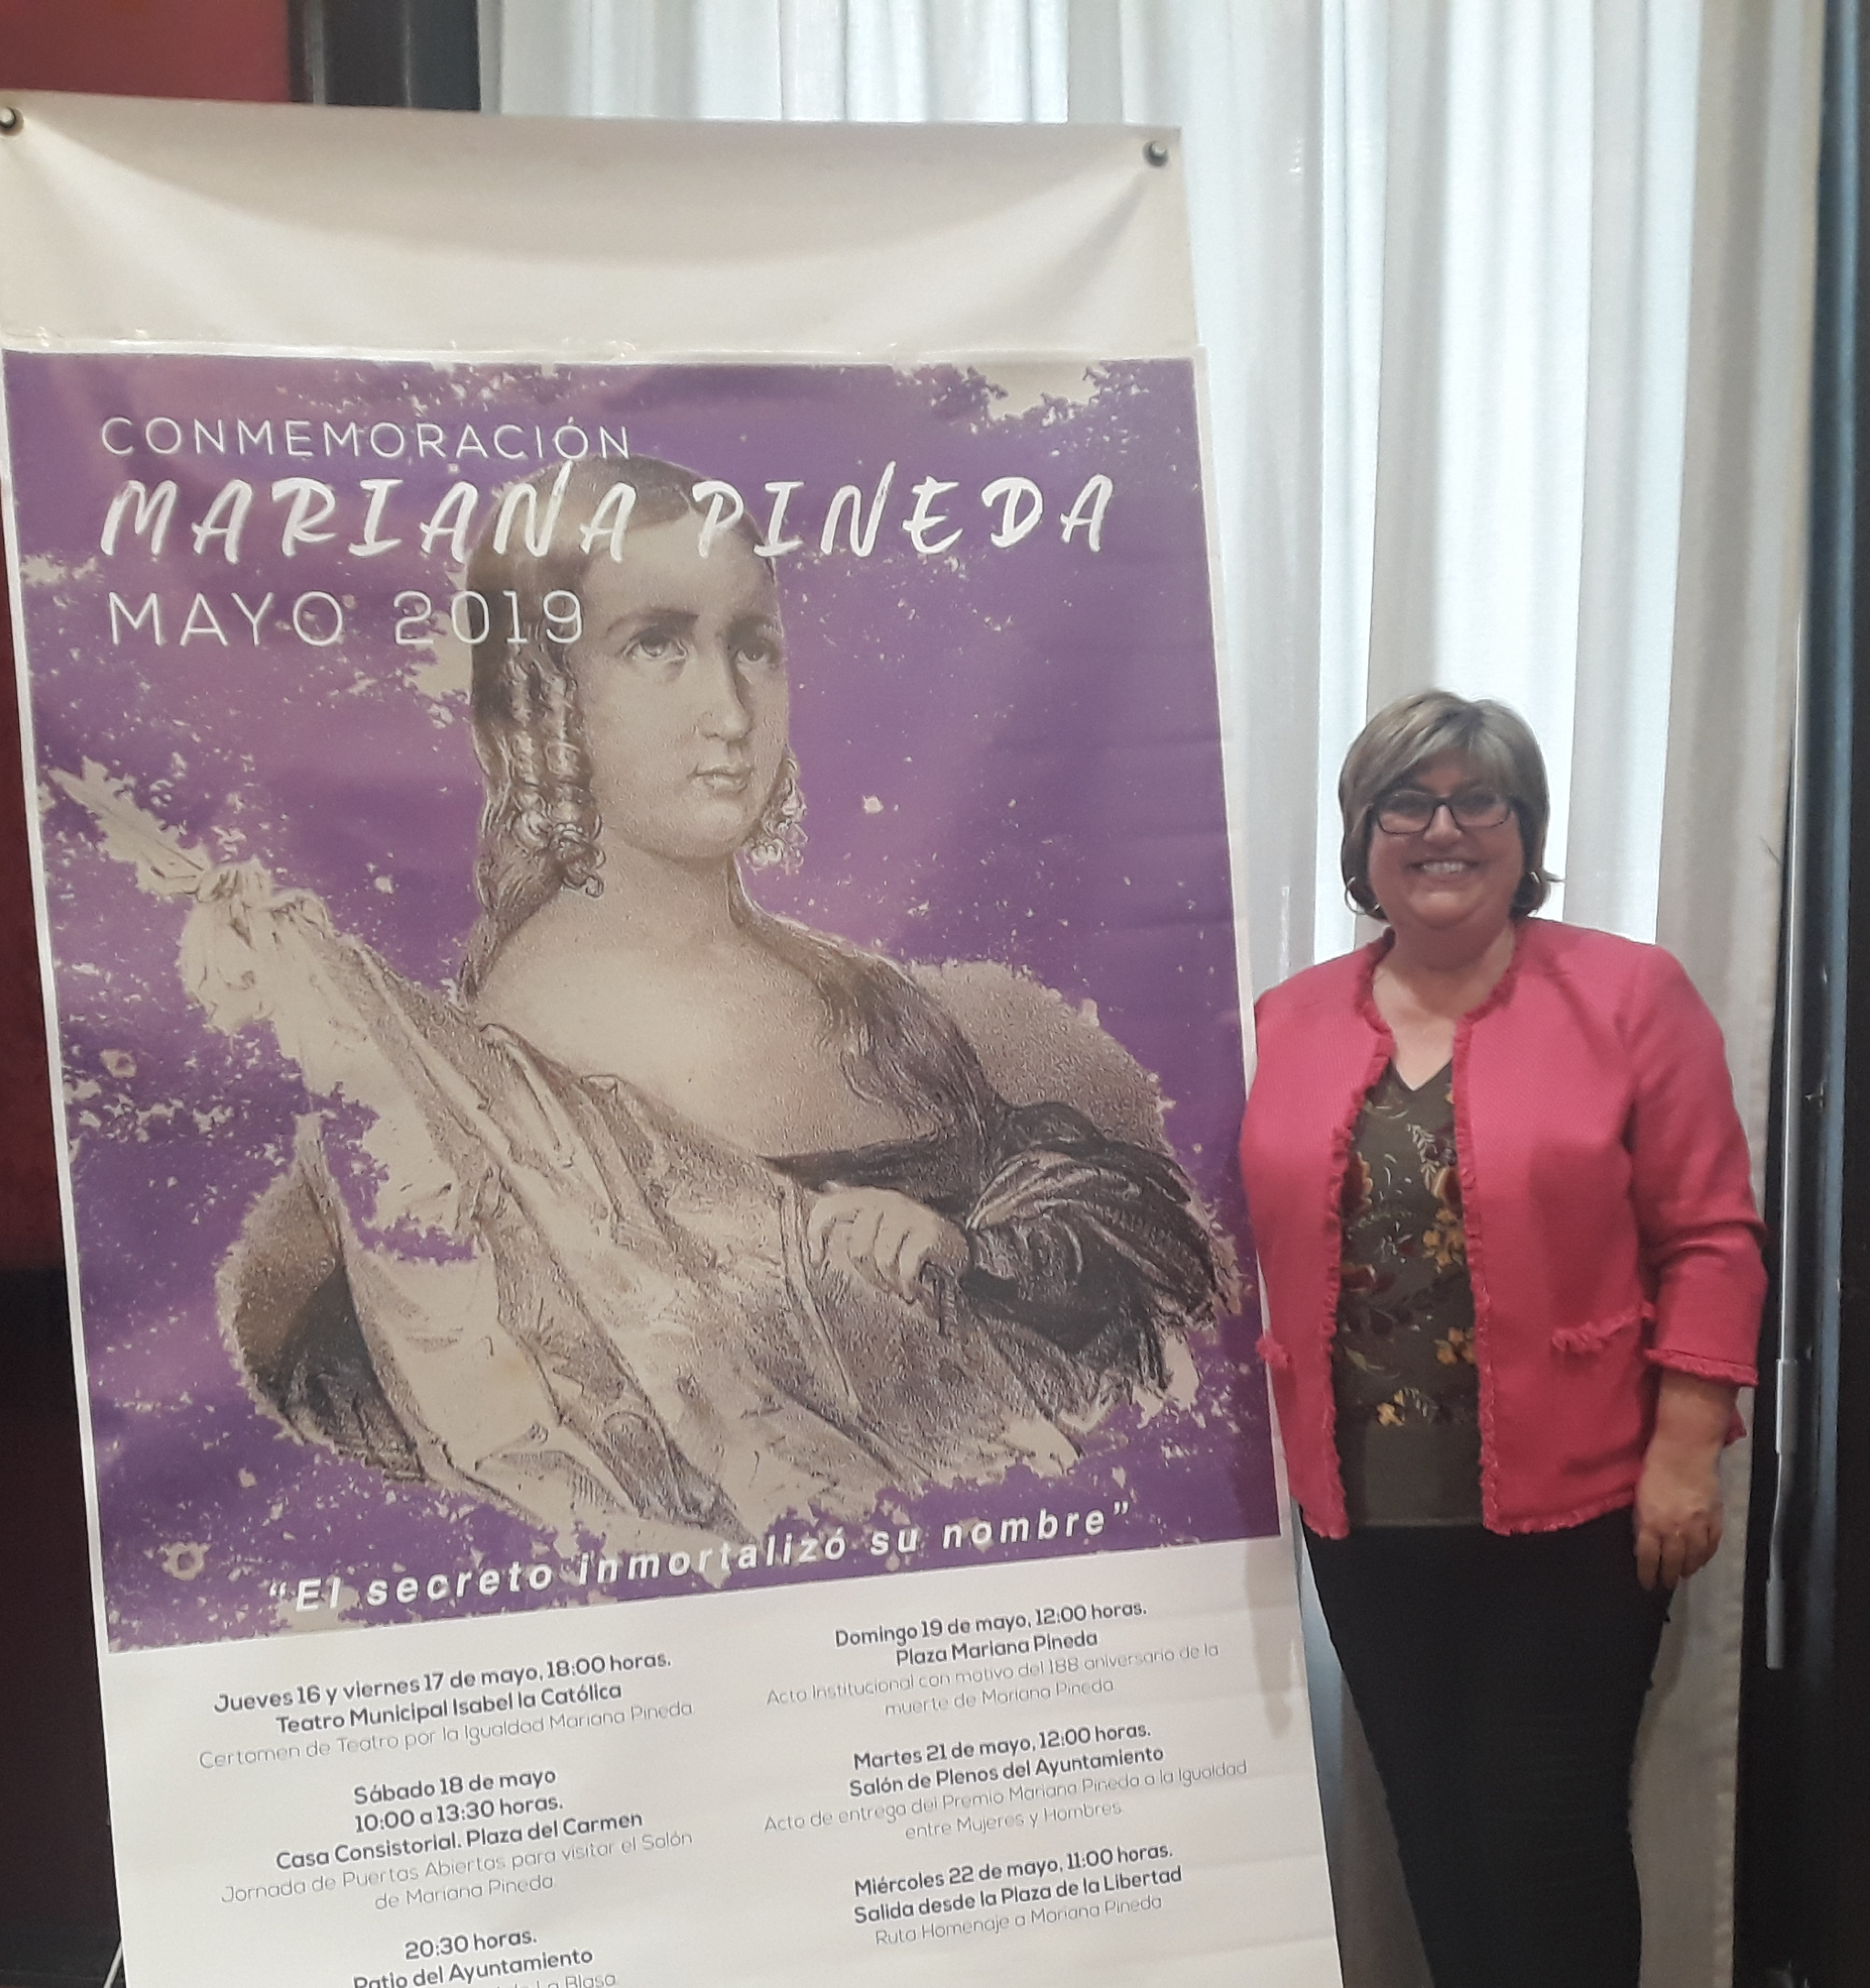 El acto conmemorativo a Mariana Pineda, granadina y luchadora, se celebrará el 19 de mayo